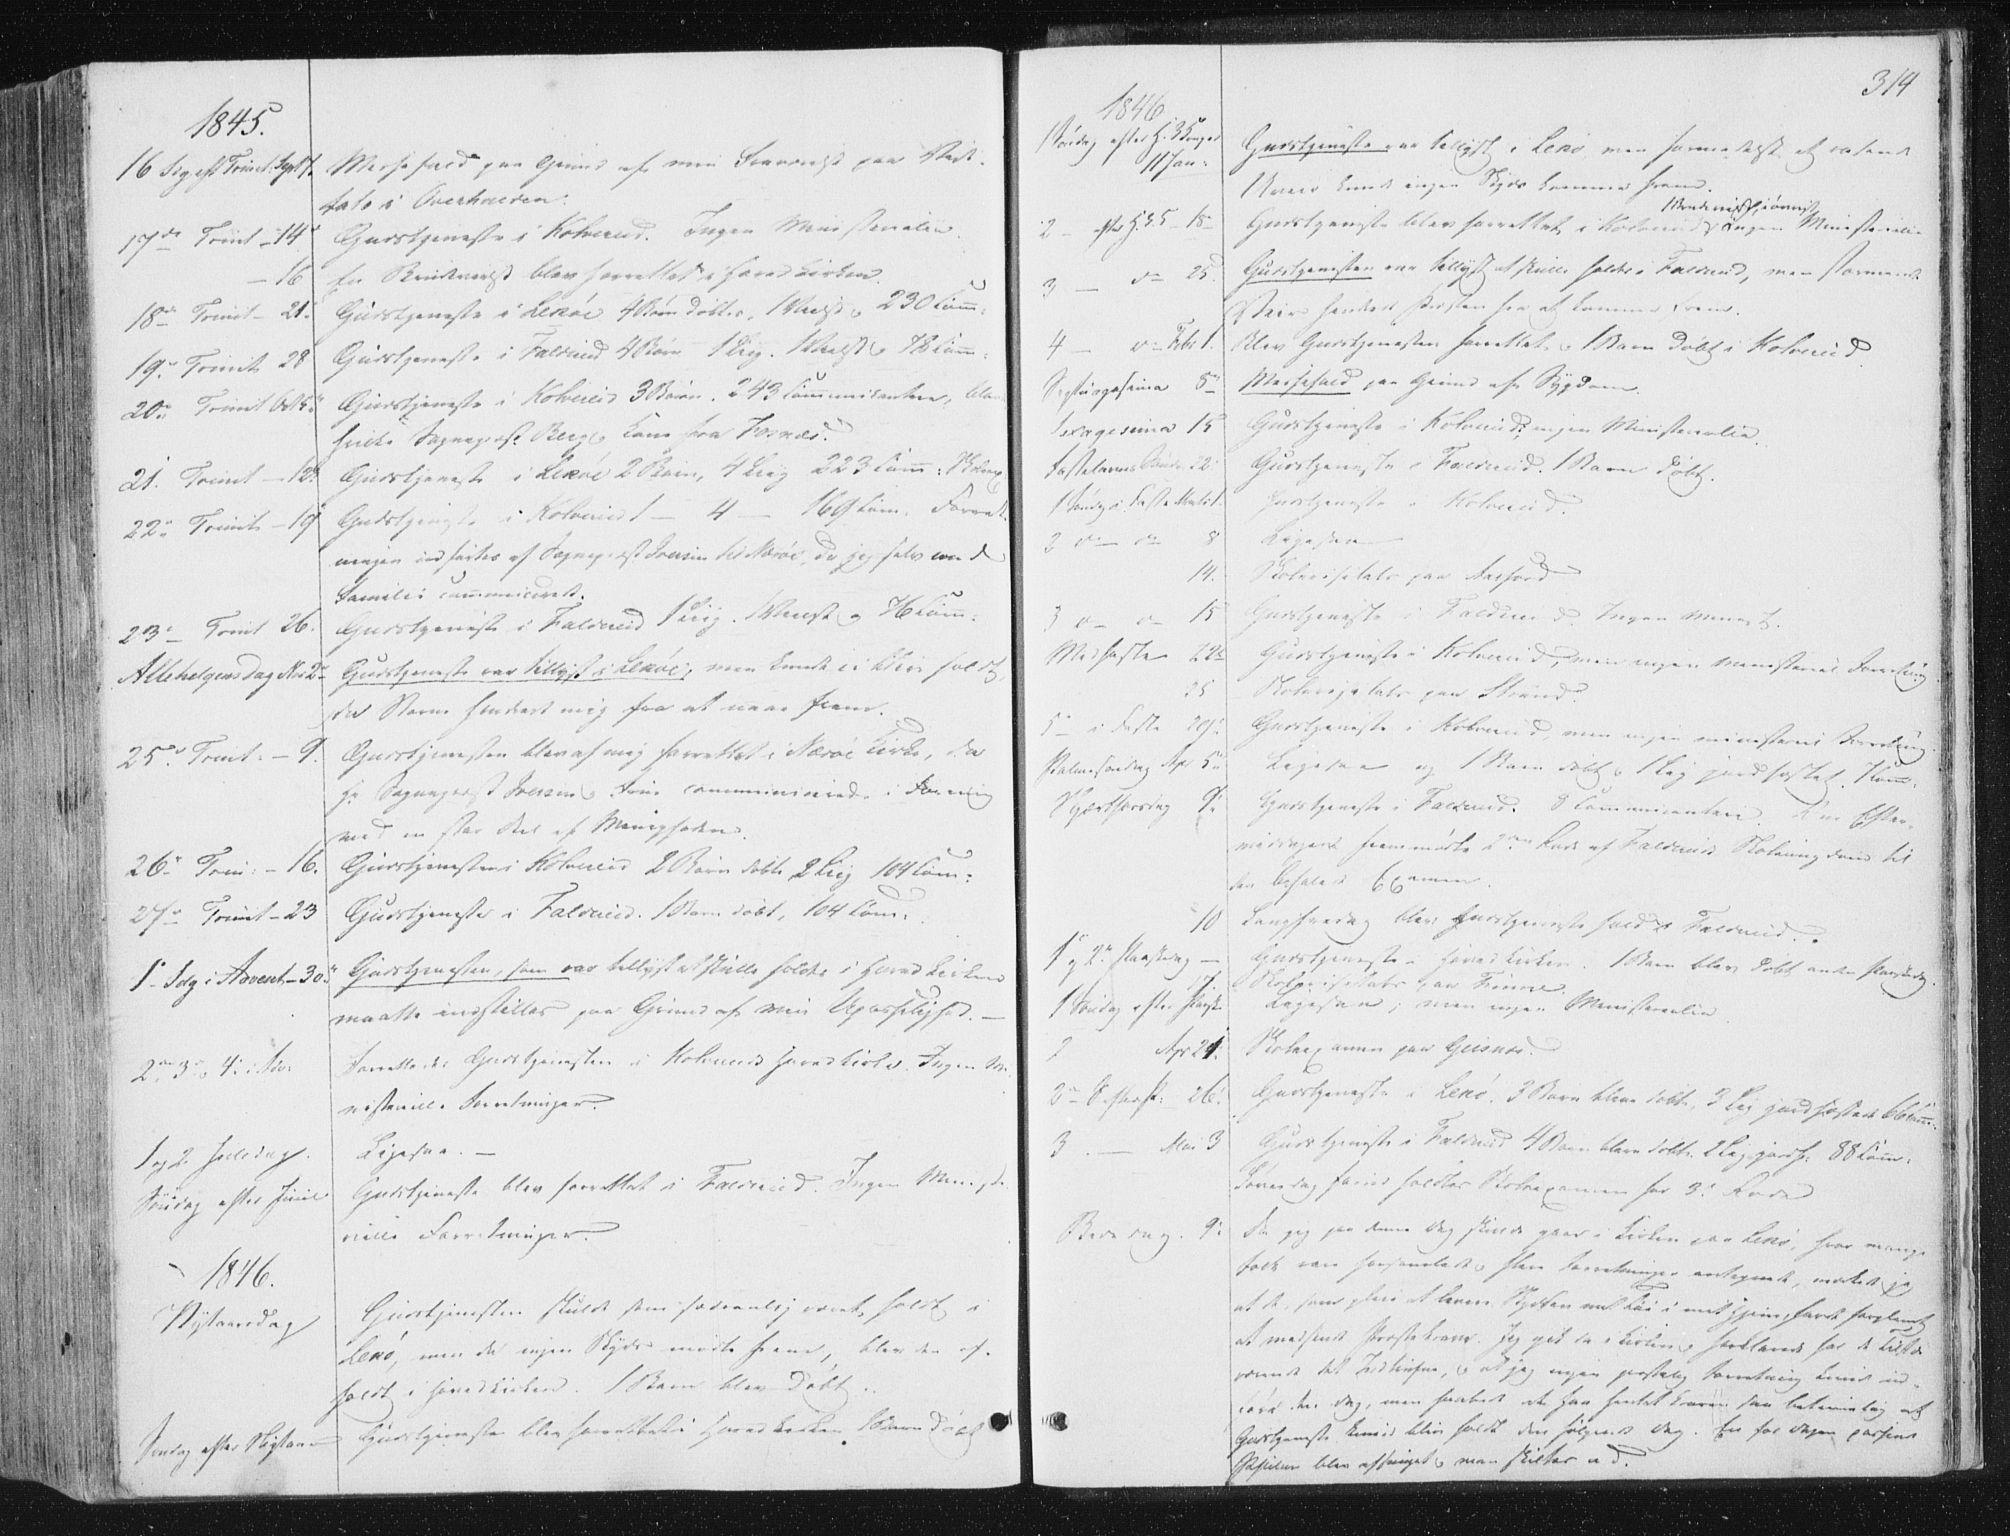 SAT, Ministerialprotokoller, klokkerbøker og fødselsregistre - Nord-Trøndelag, 780/L0640: Ministerialbok nr. 780A05, 1845-1856, s. 314